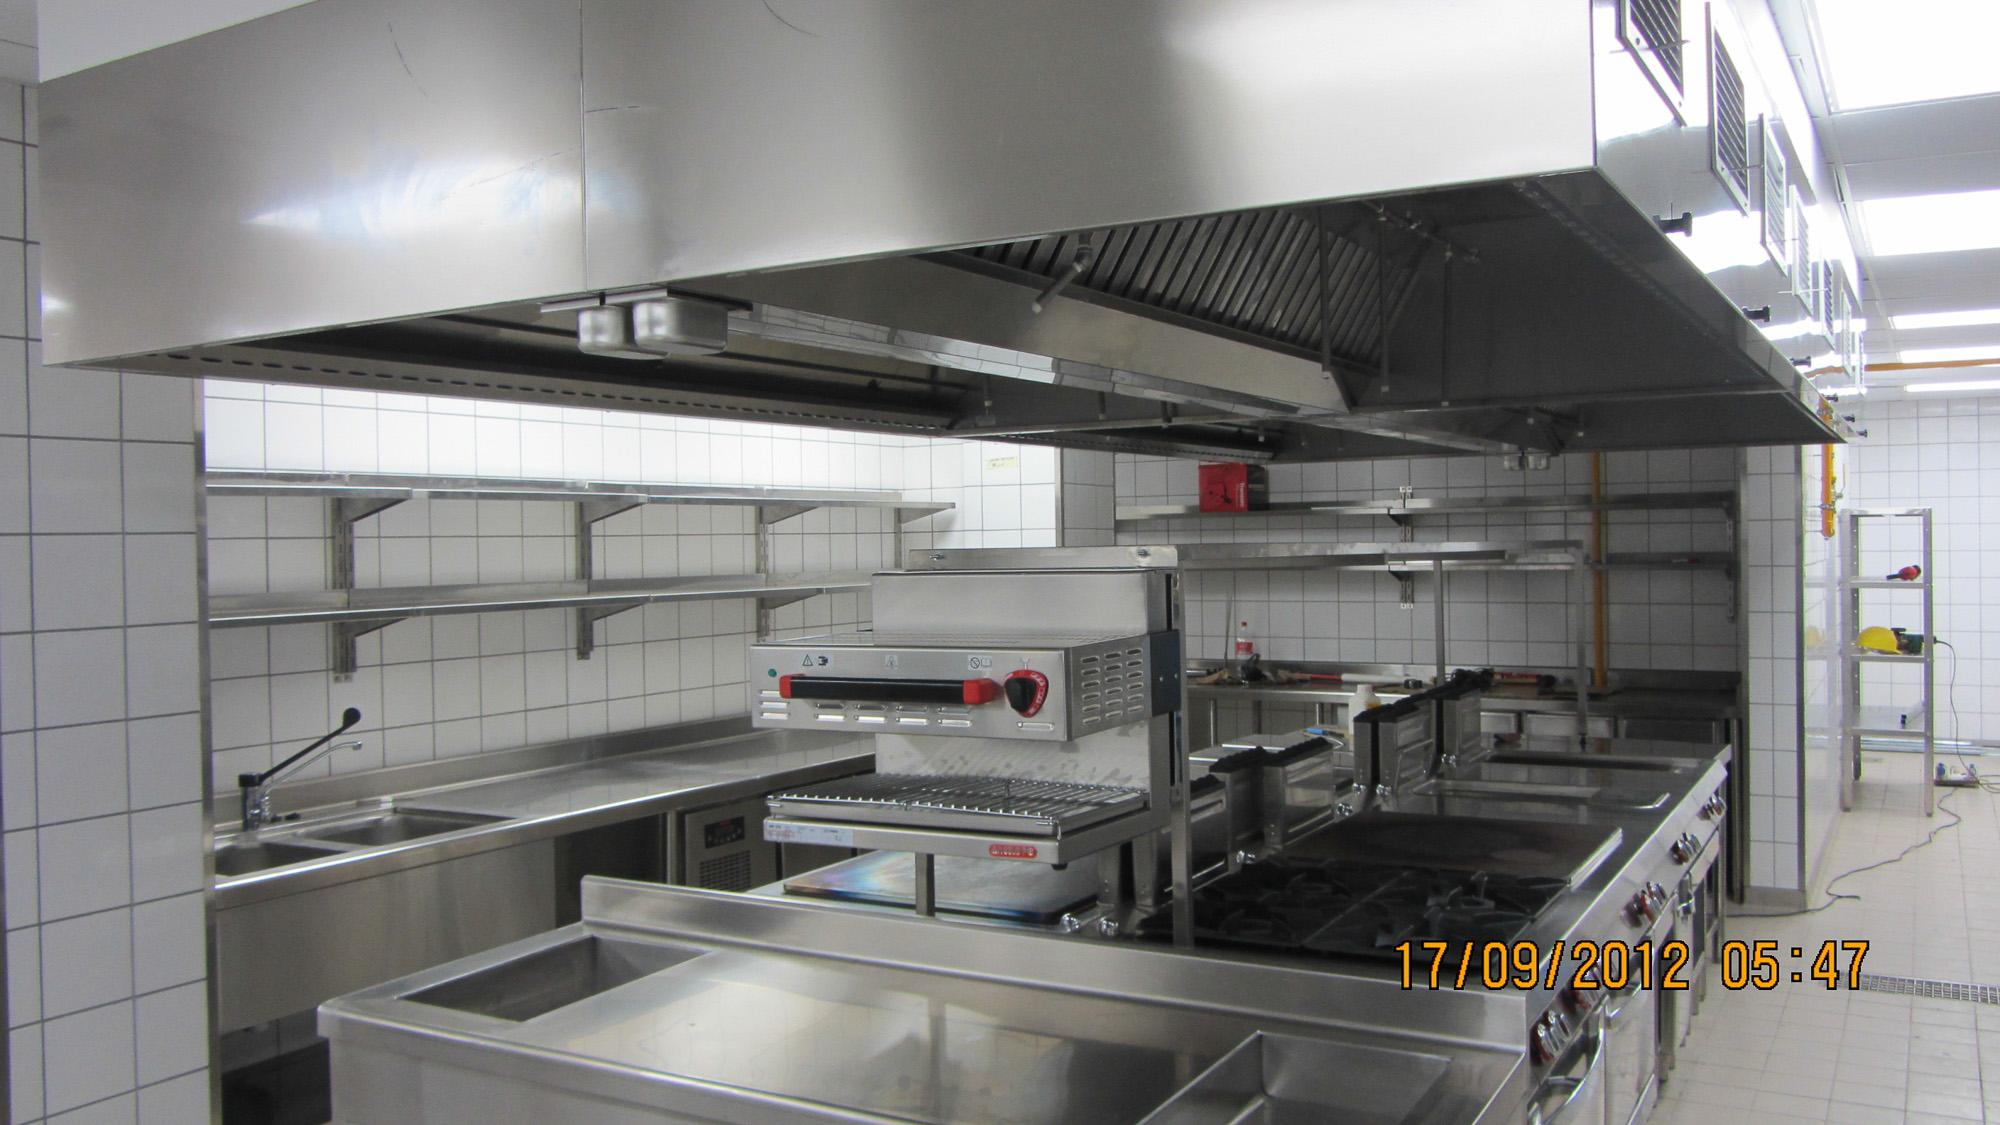 Italia_kitchen_-st.regis-5